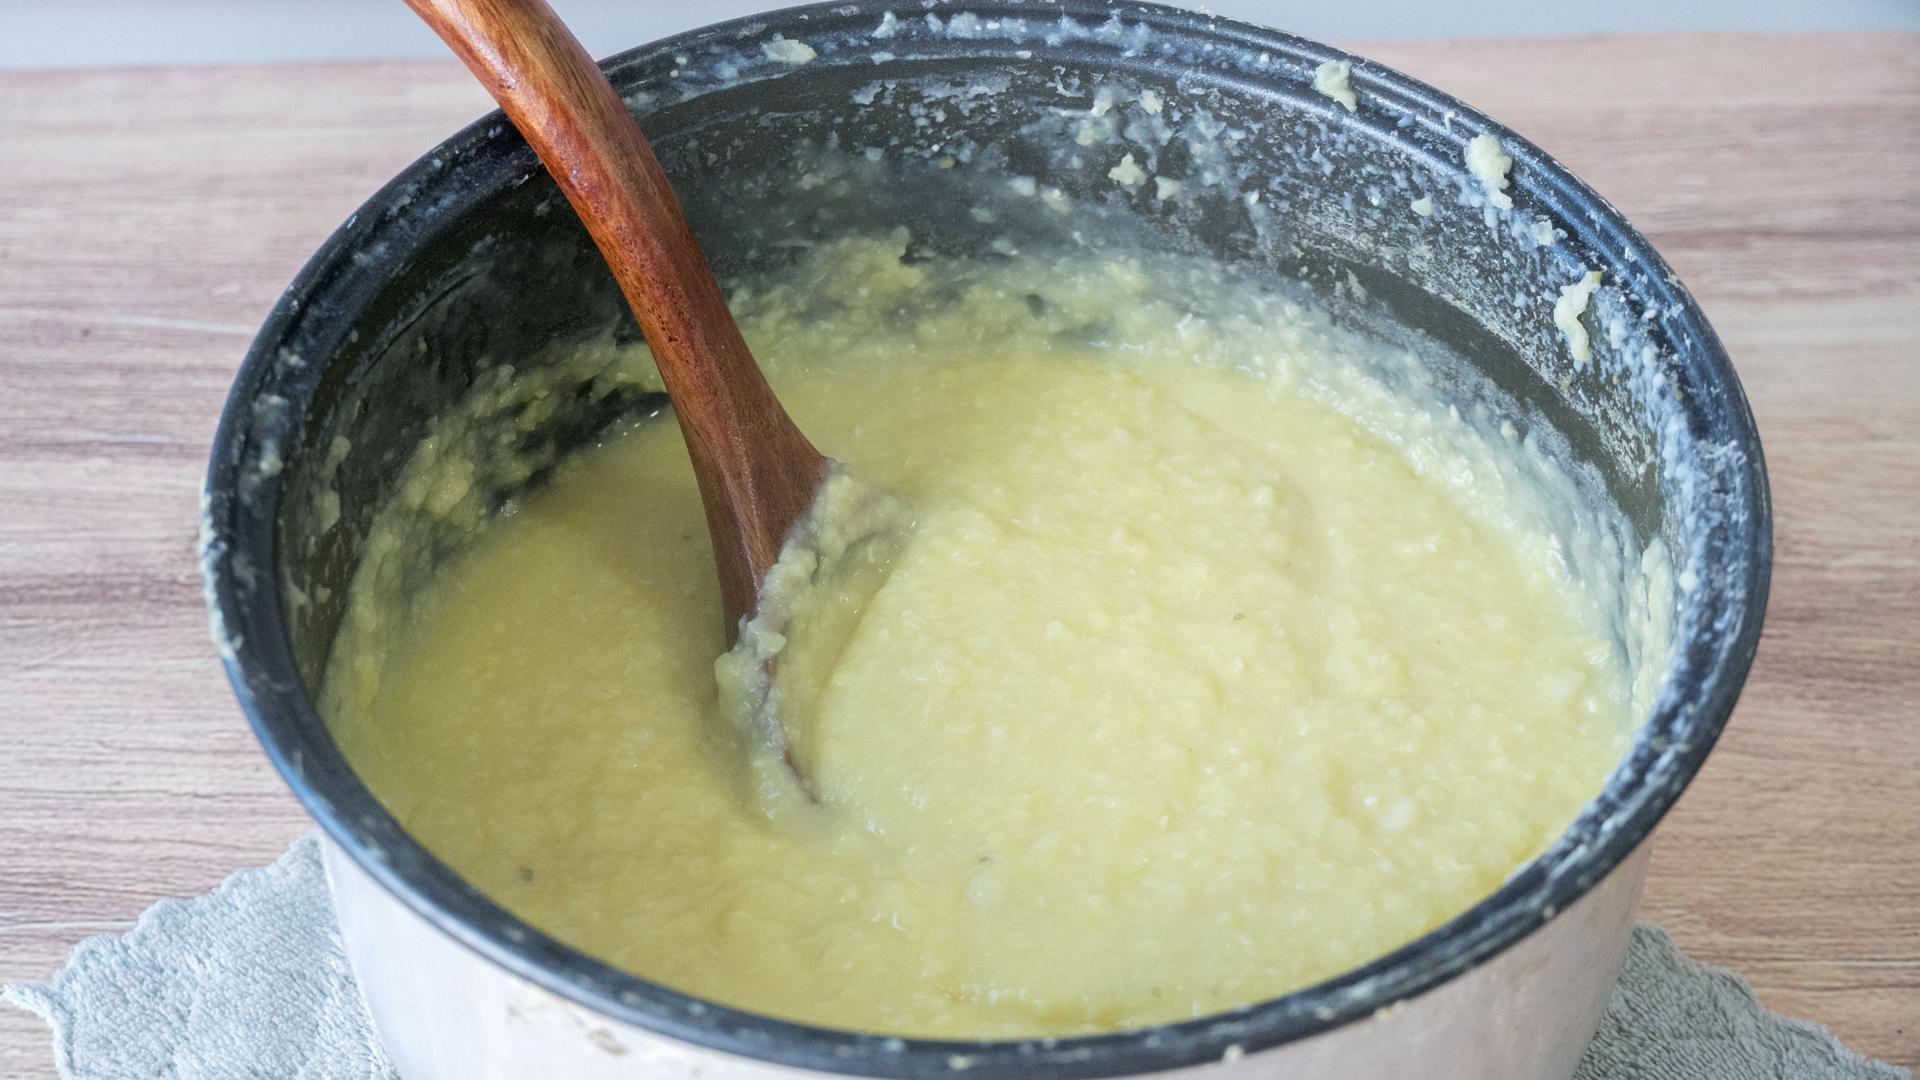 绿豆别只知道熬汤了,试试这5种做法,细腻爽滑,好吃又好做